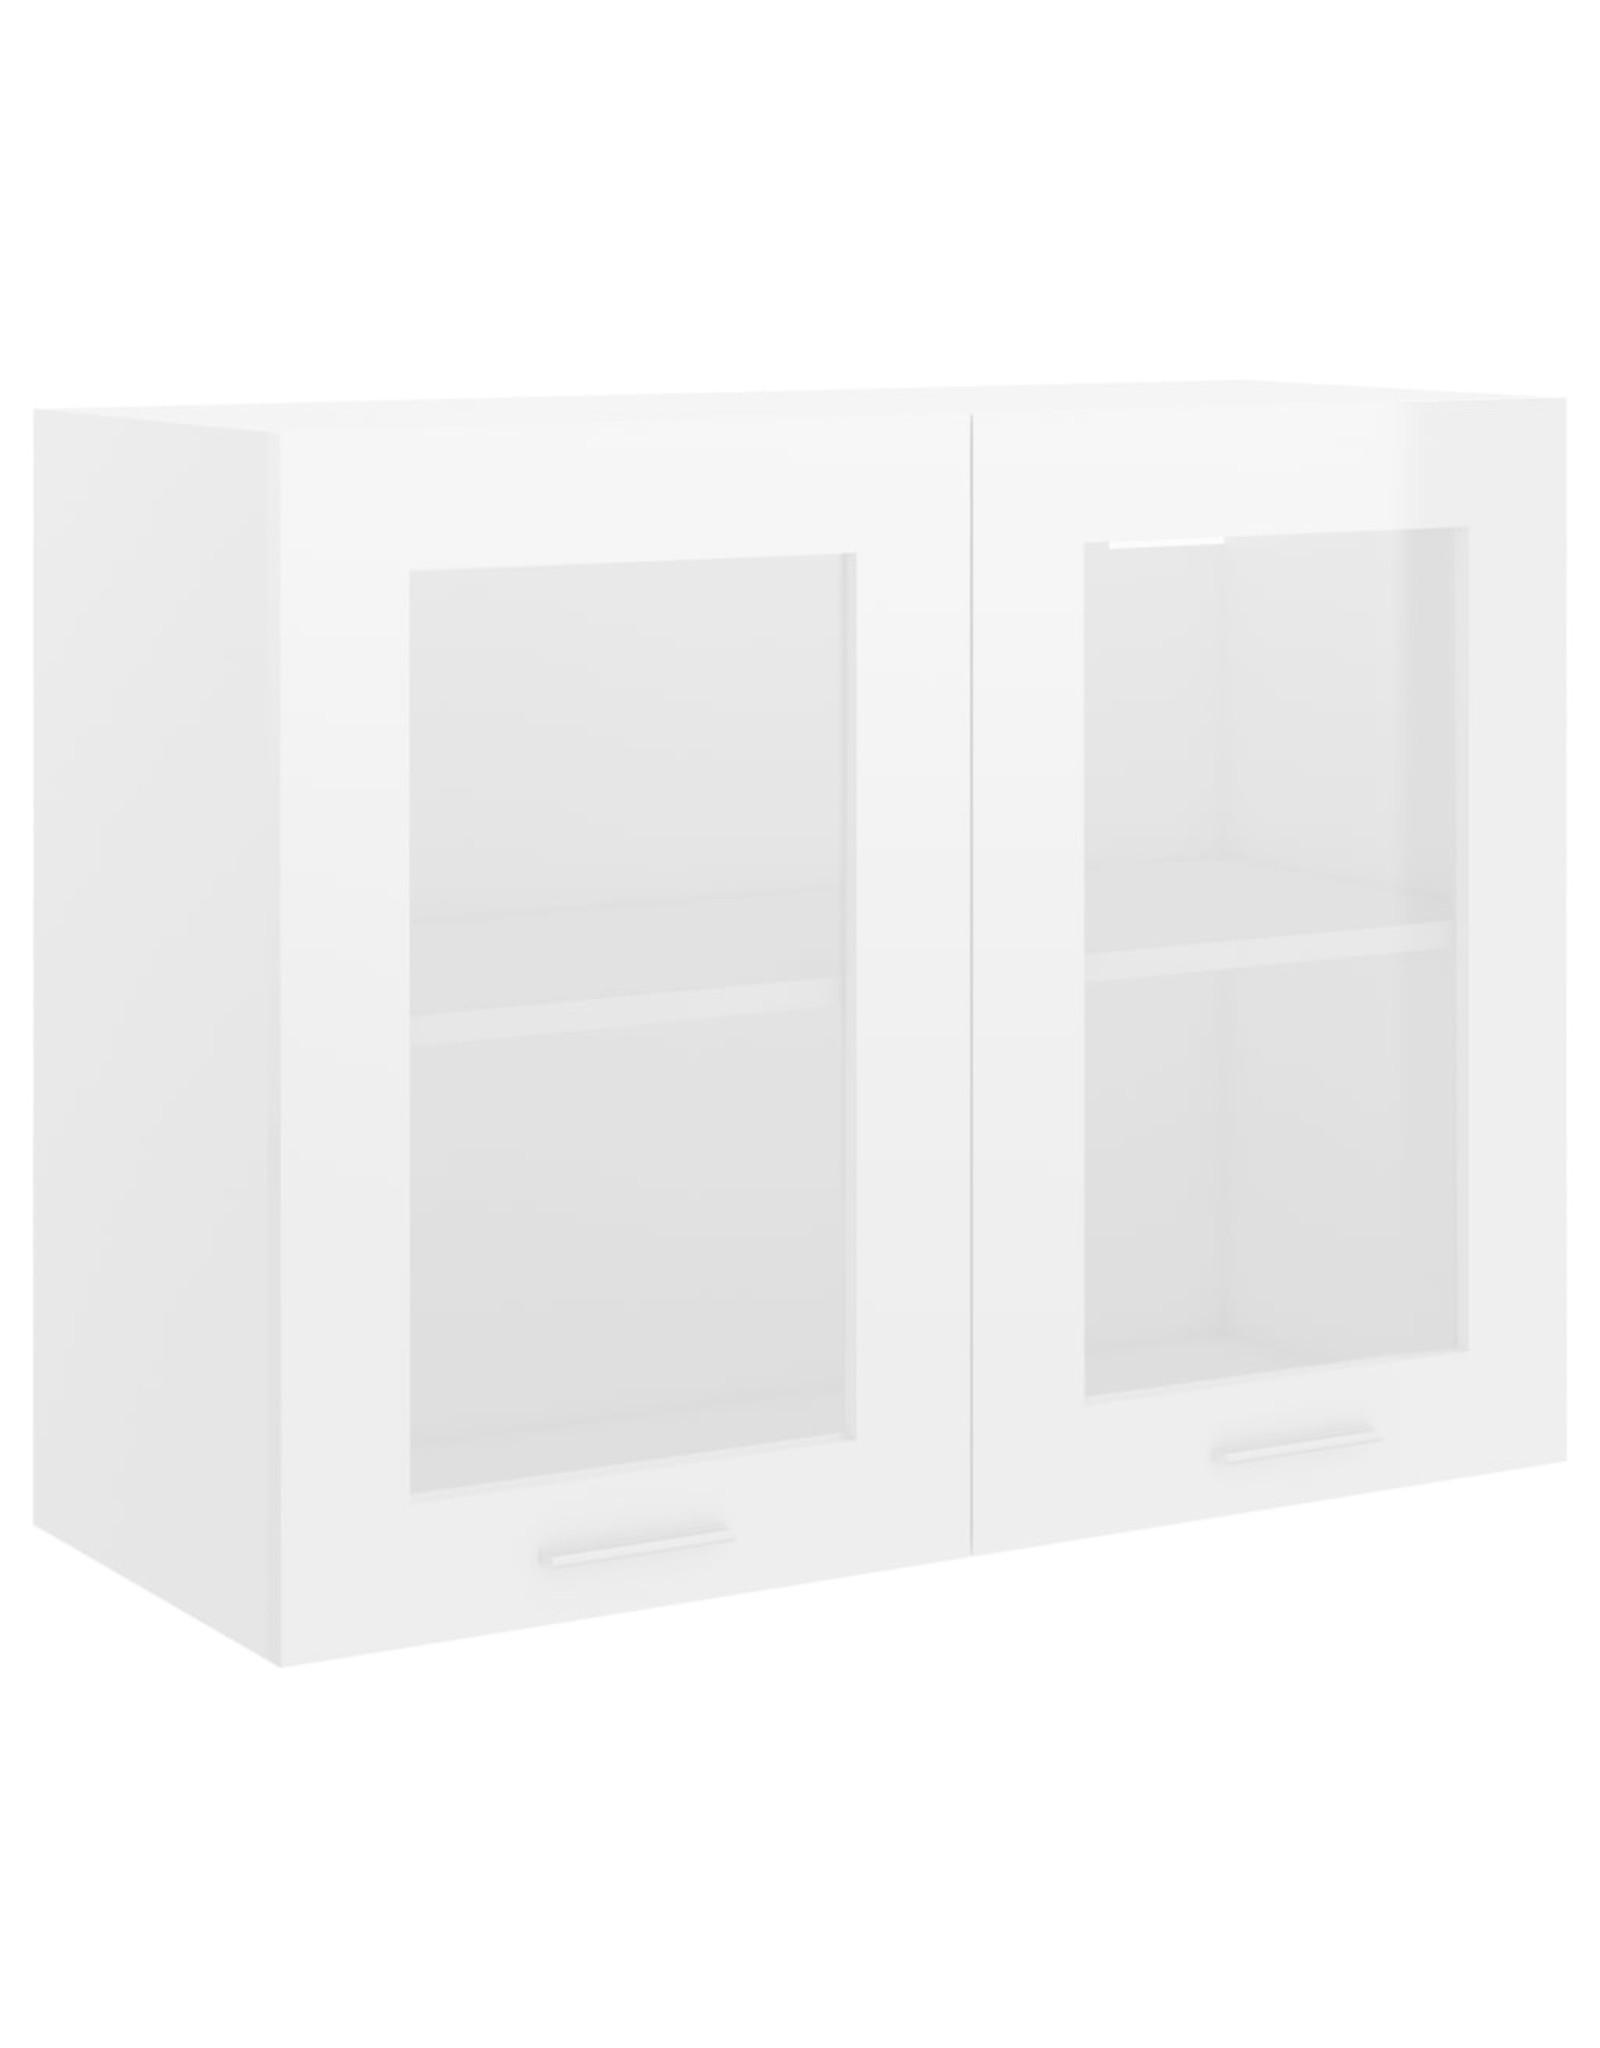 Hangkast 80x31x60 cm spaanplaat hoogglans wit